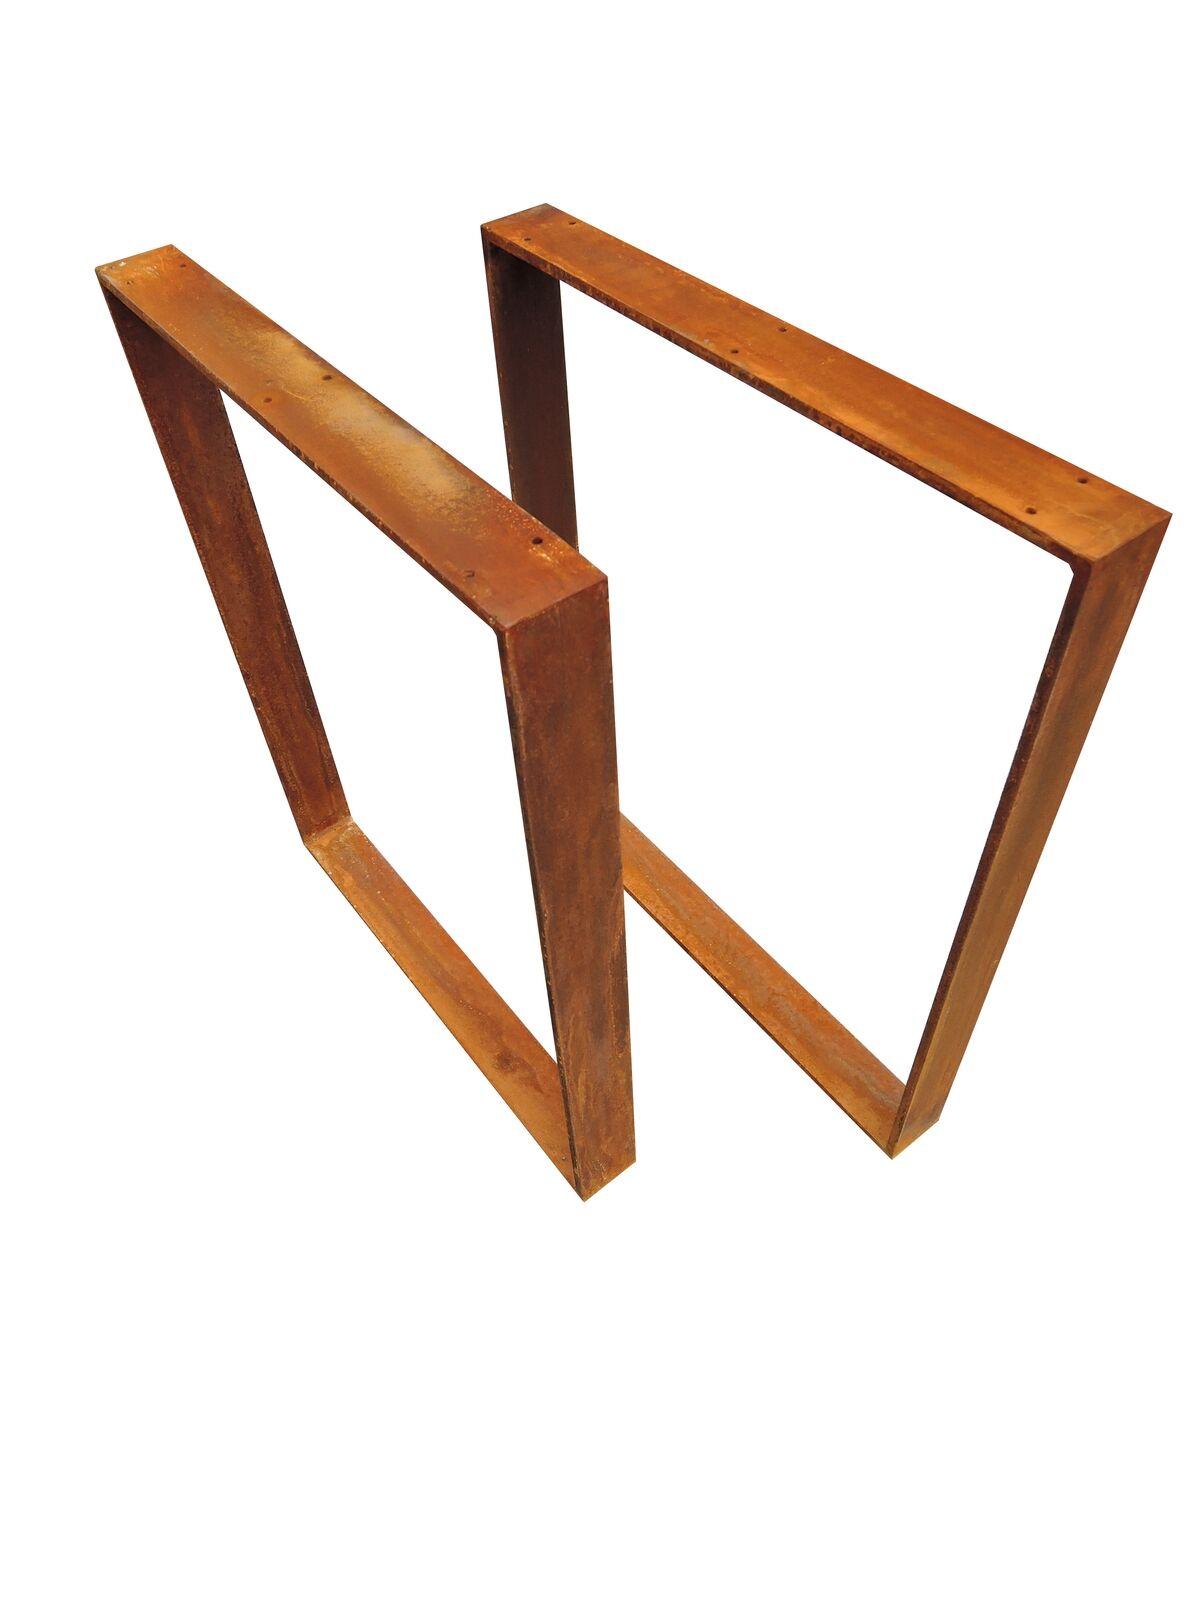 Esstisch Kufengestell ~ Tischgestell Esstisch Stahl Tischuntergestell Kufengestell 1 Paar 73x80cm Ros